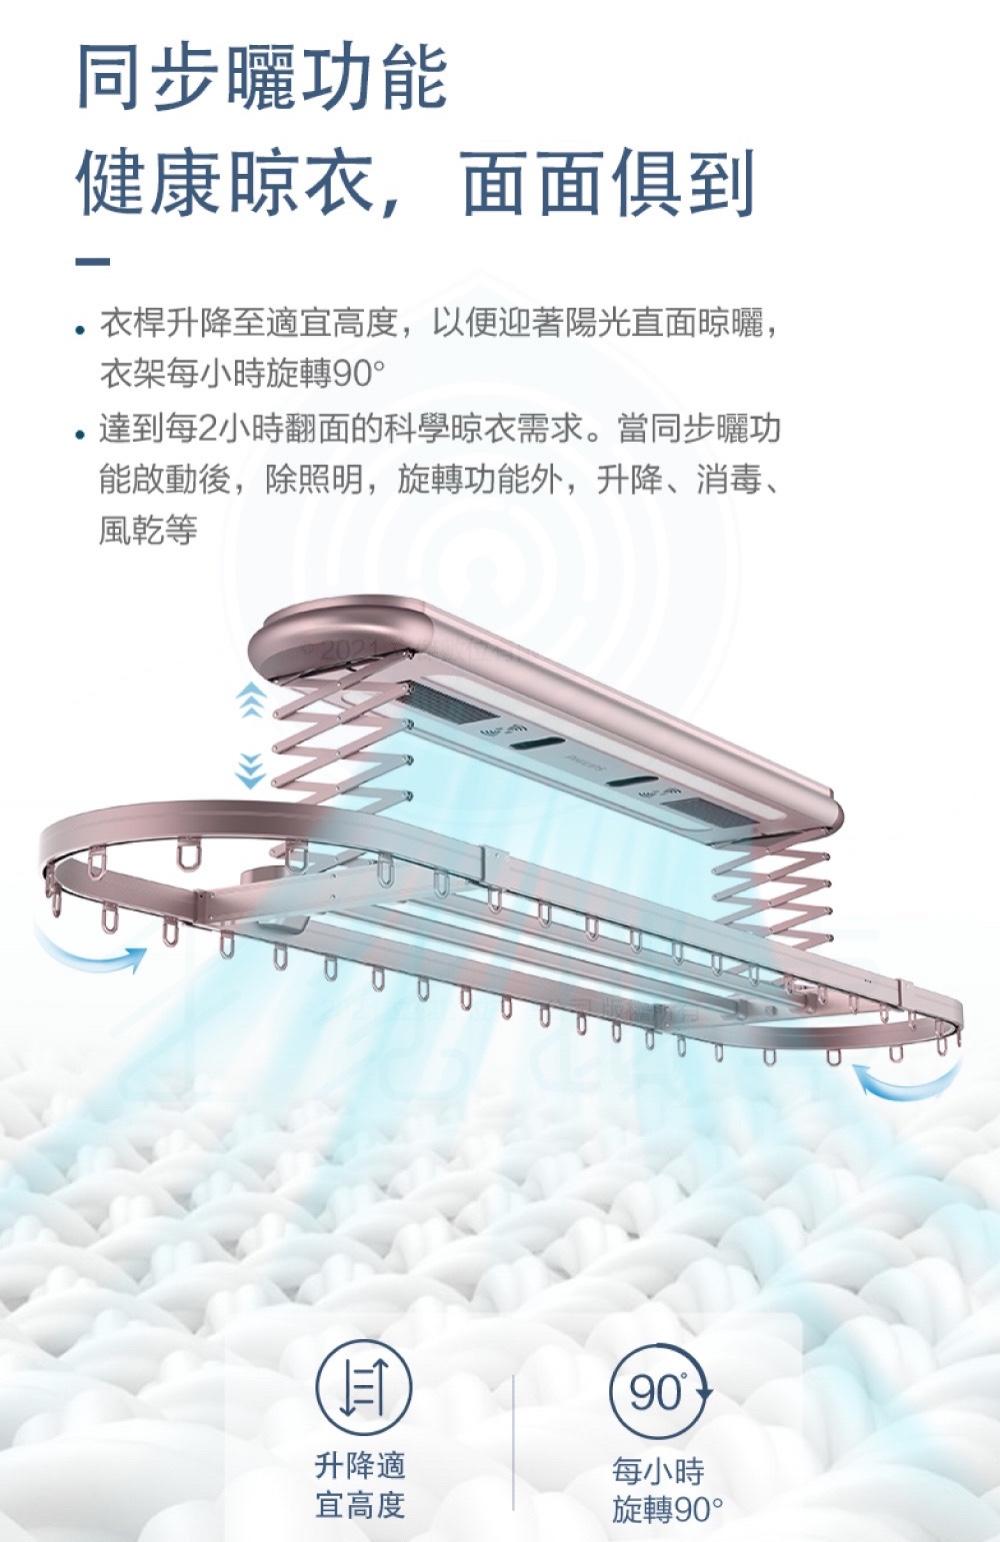 飛利浦電動晾衣架 SDR801 台中新竹電動曬衣架-18